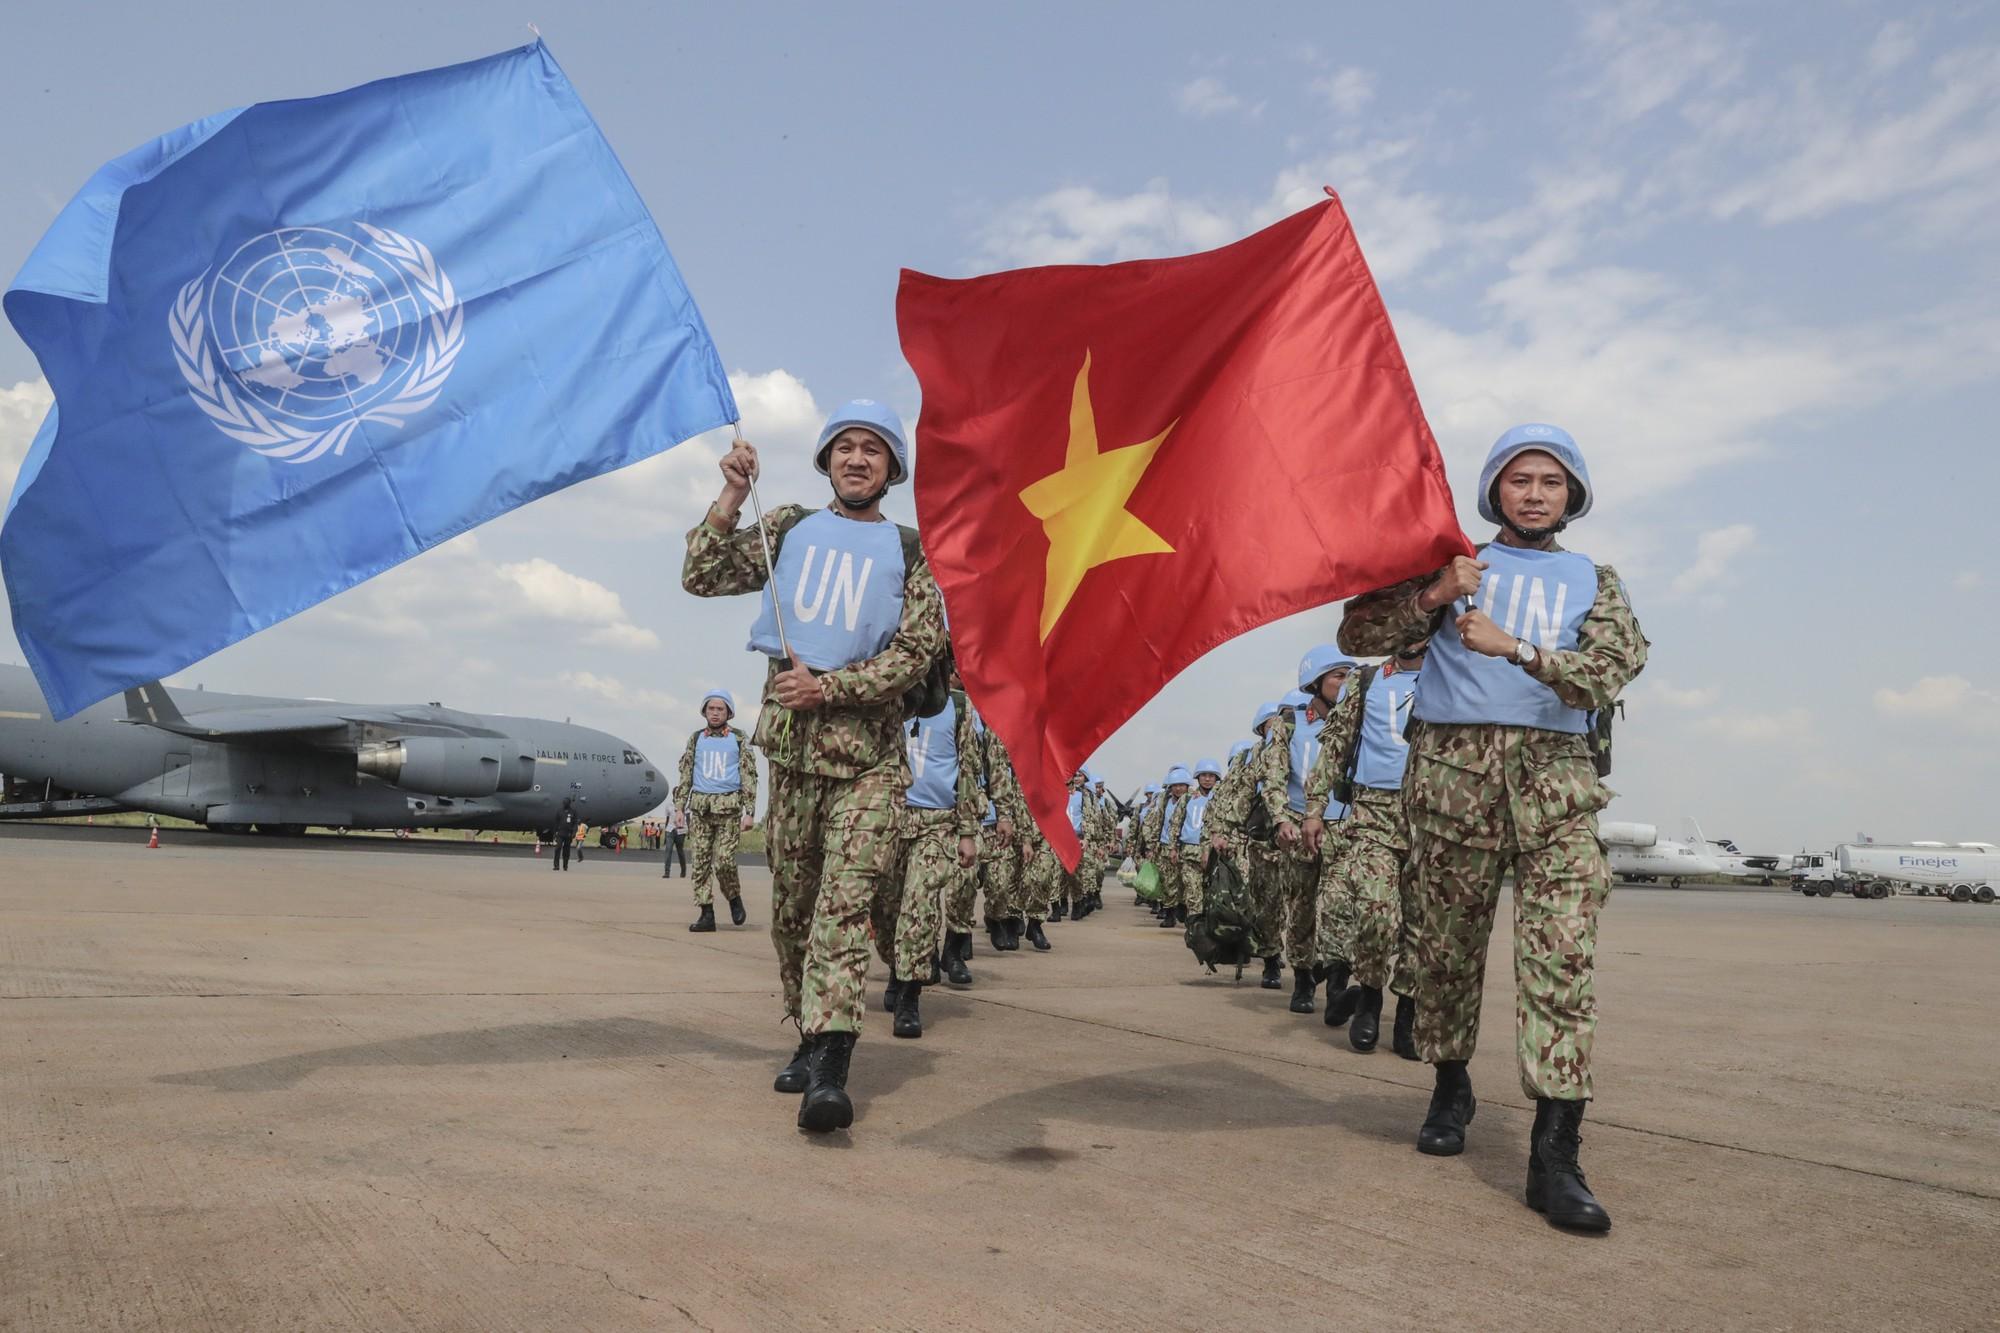 Thế giới đánh giá cao dấu ấn ngoại giao Việt Nam 2018 - Ảnh 5.